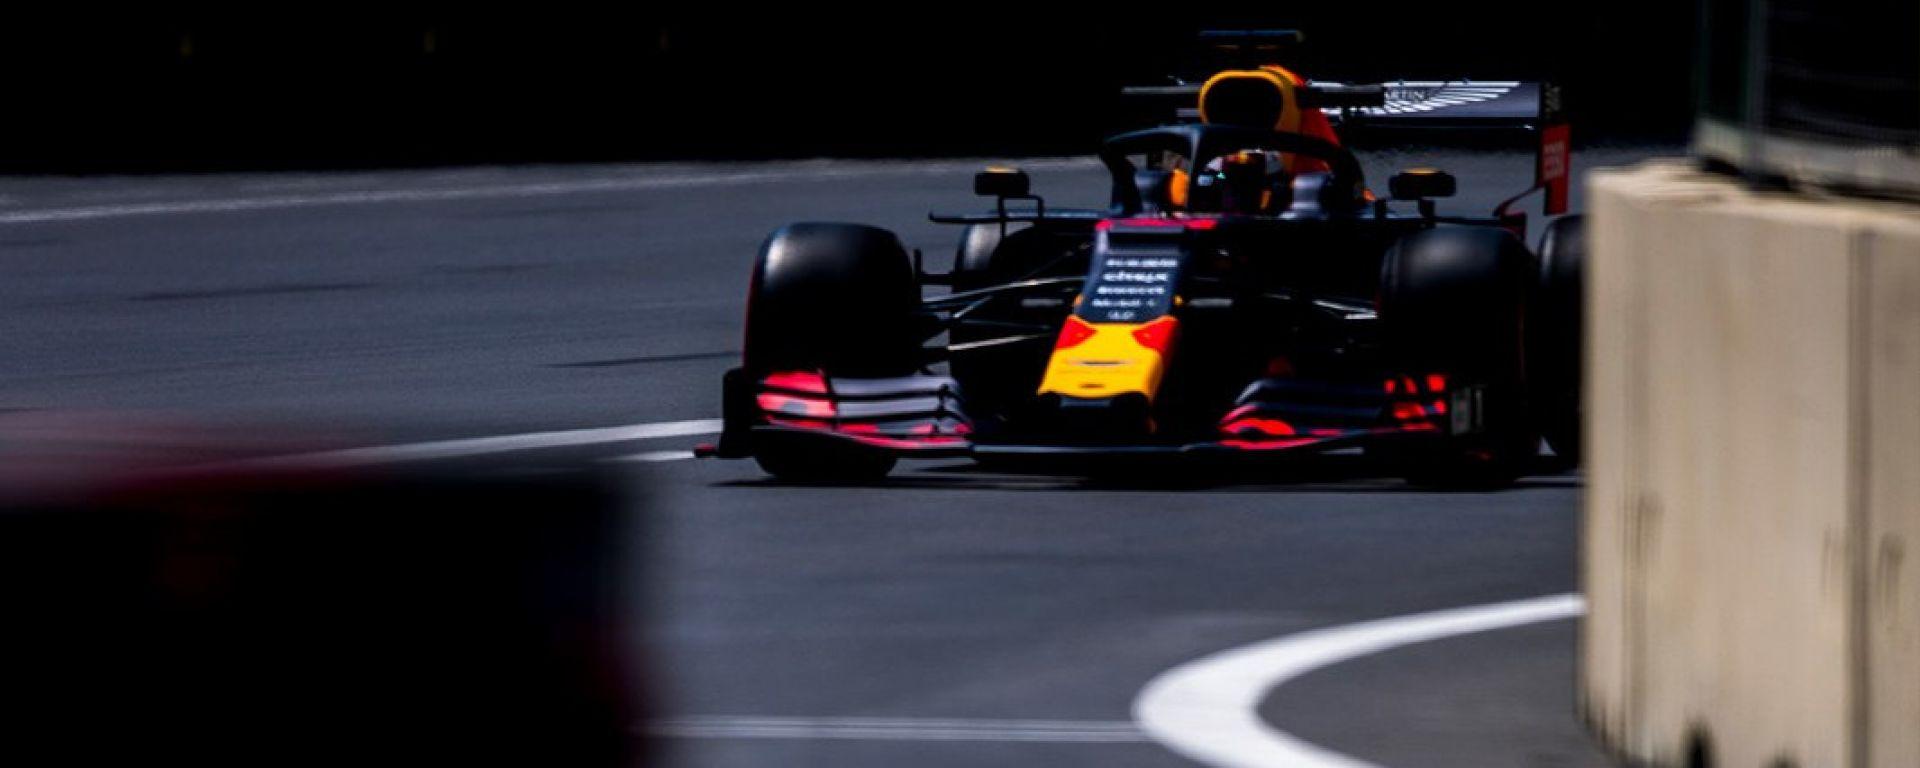 F1 GP Azerbaijan 2019, Verstappen sfreccia sul rettilineo dei box